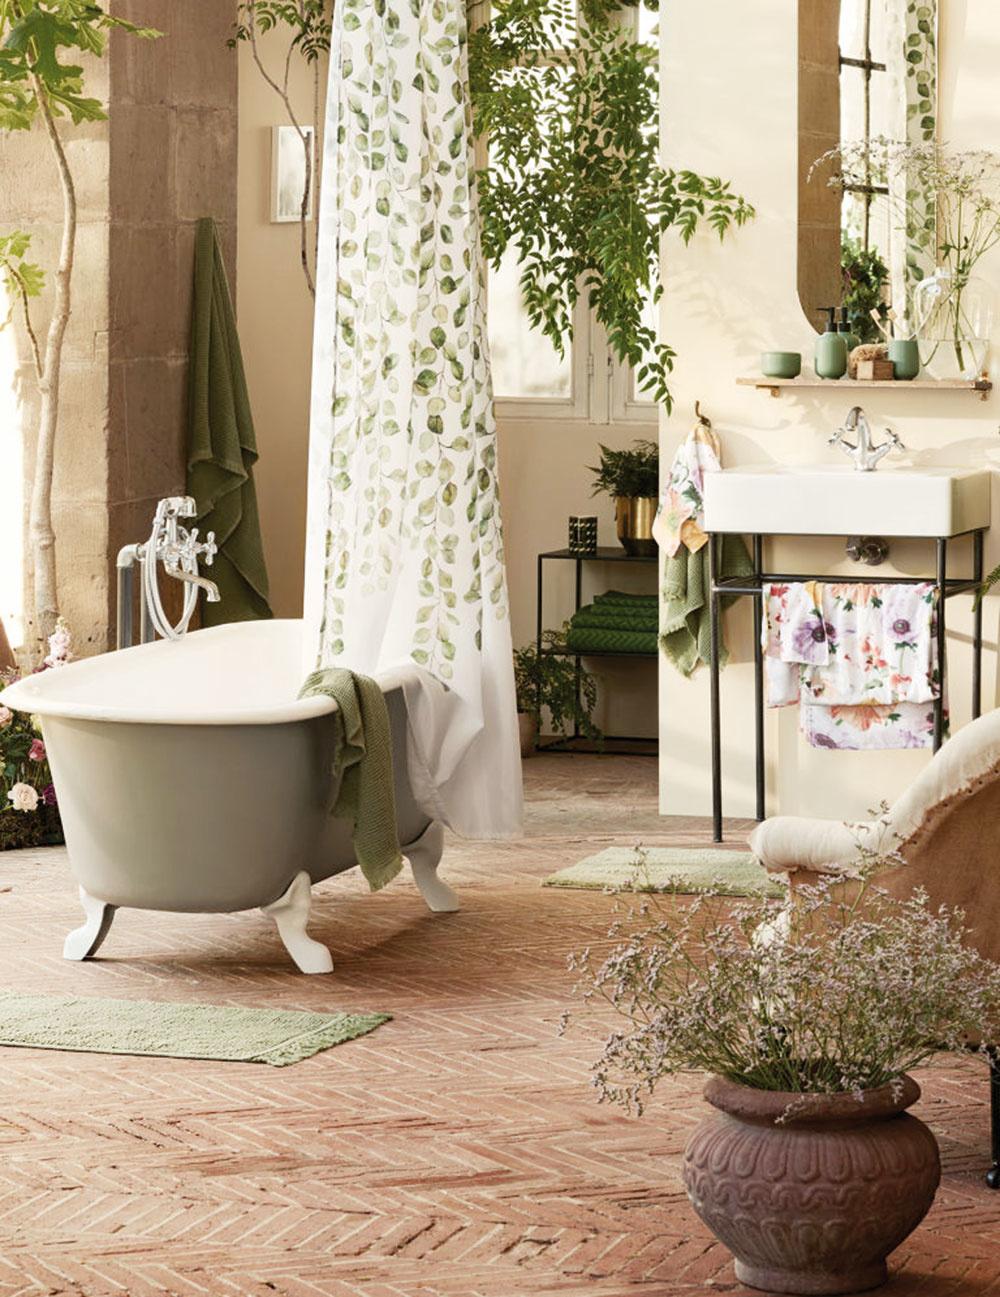 Poriadna DŽUNGĽA. Vneste do svojej kúpeľne toľko rastlín, koľko sa vojde. Samozrejme, vyberte také, ktorým prospieva vysoká vlhkosť amálo svetla, napríklad papraď, tillandsie alebo divokého Jana.